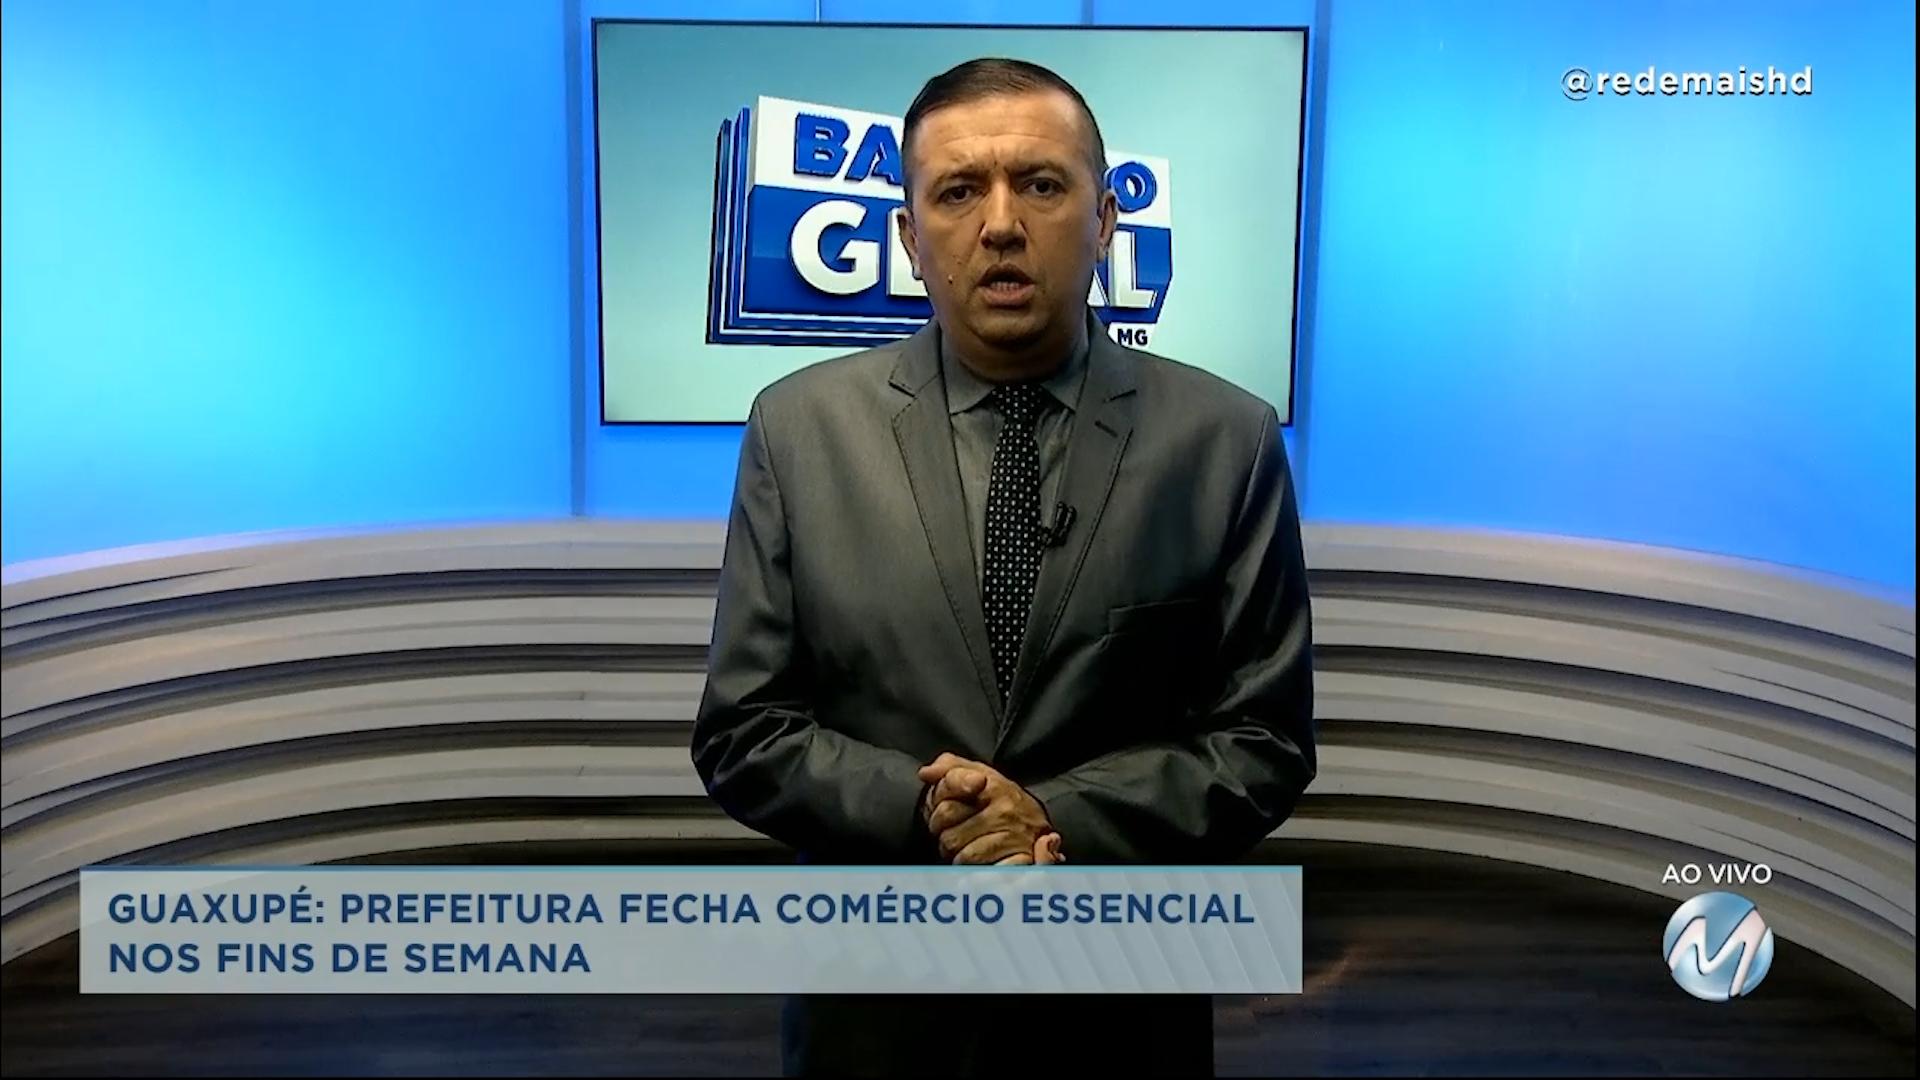 Guaxupé: prefeitura fecha comércio essencial nos fins de semana